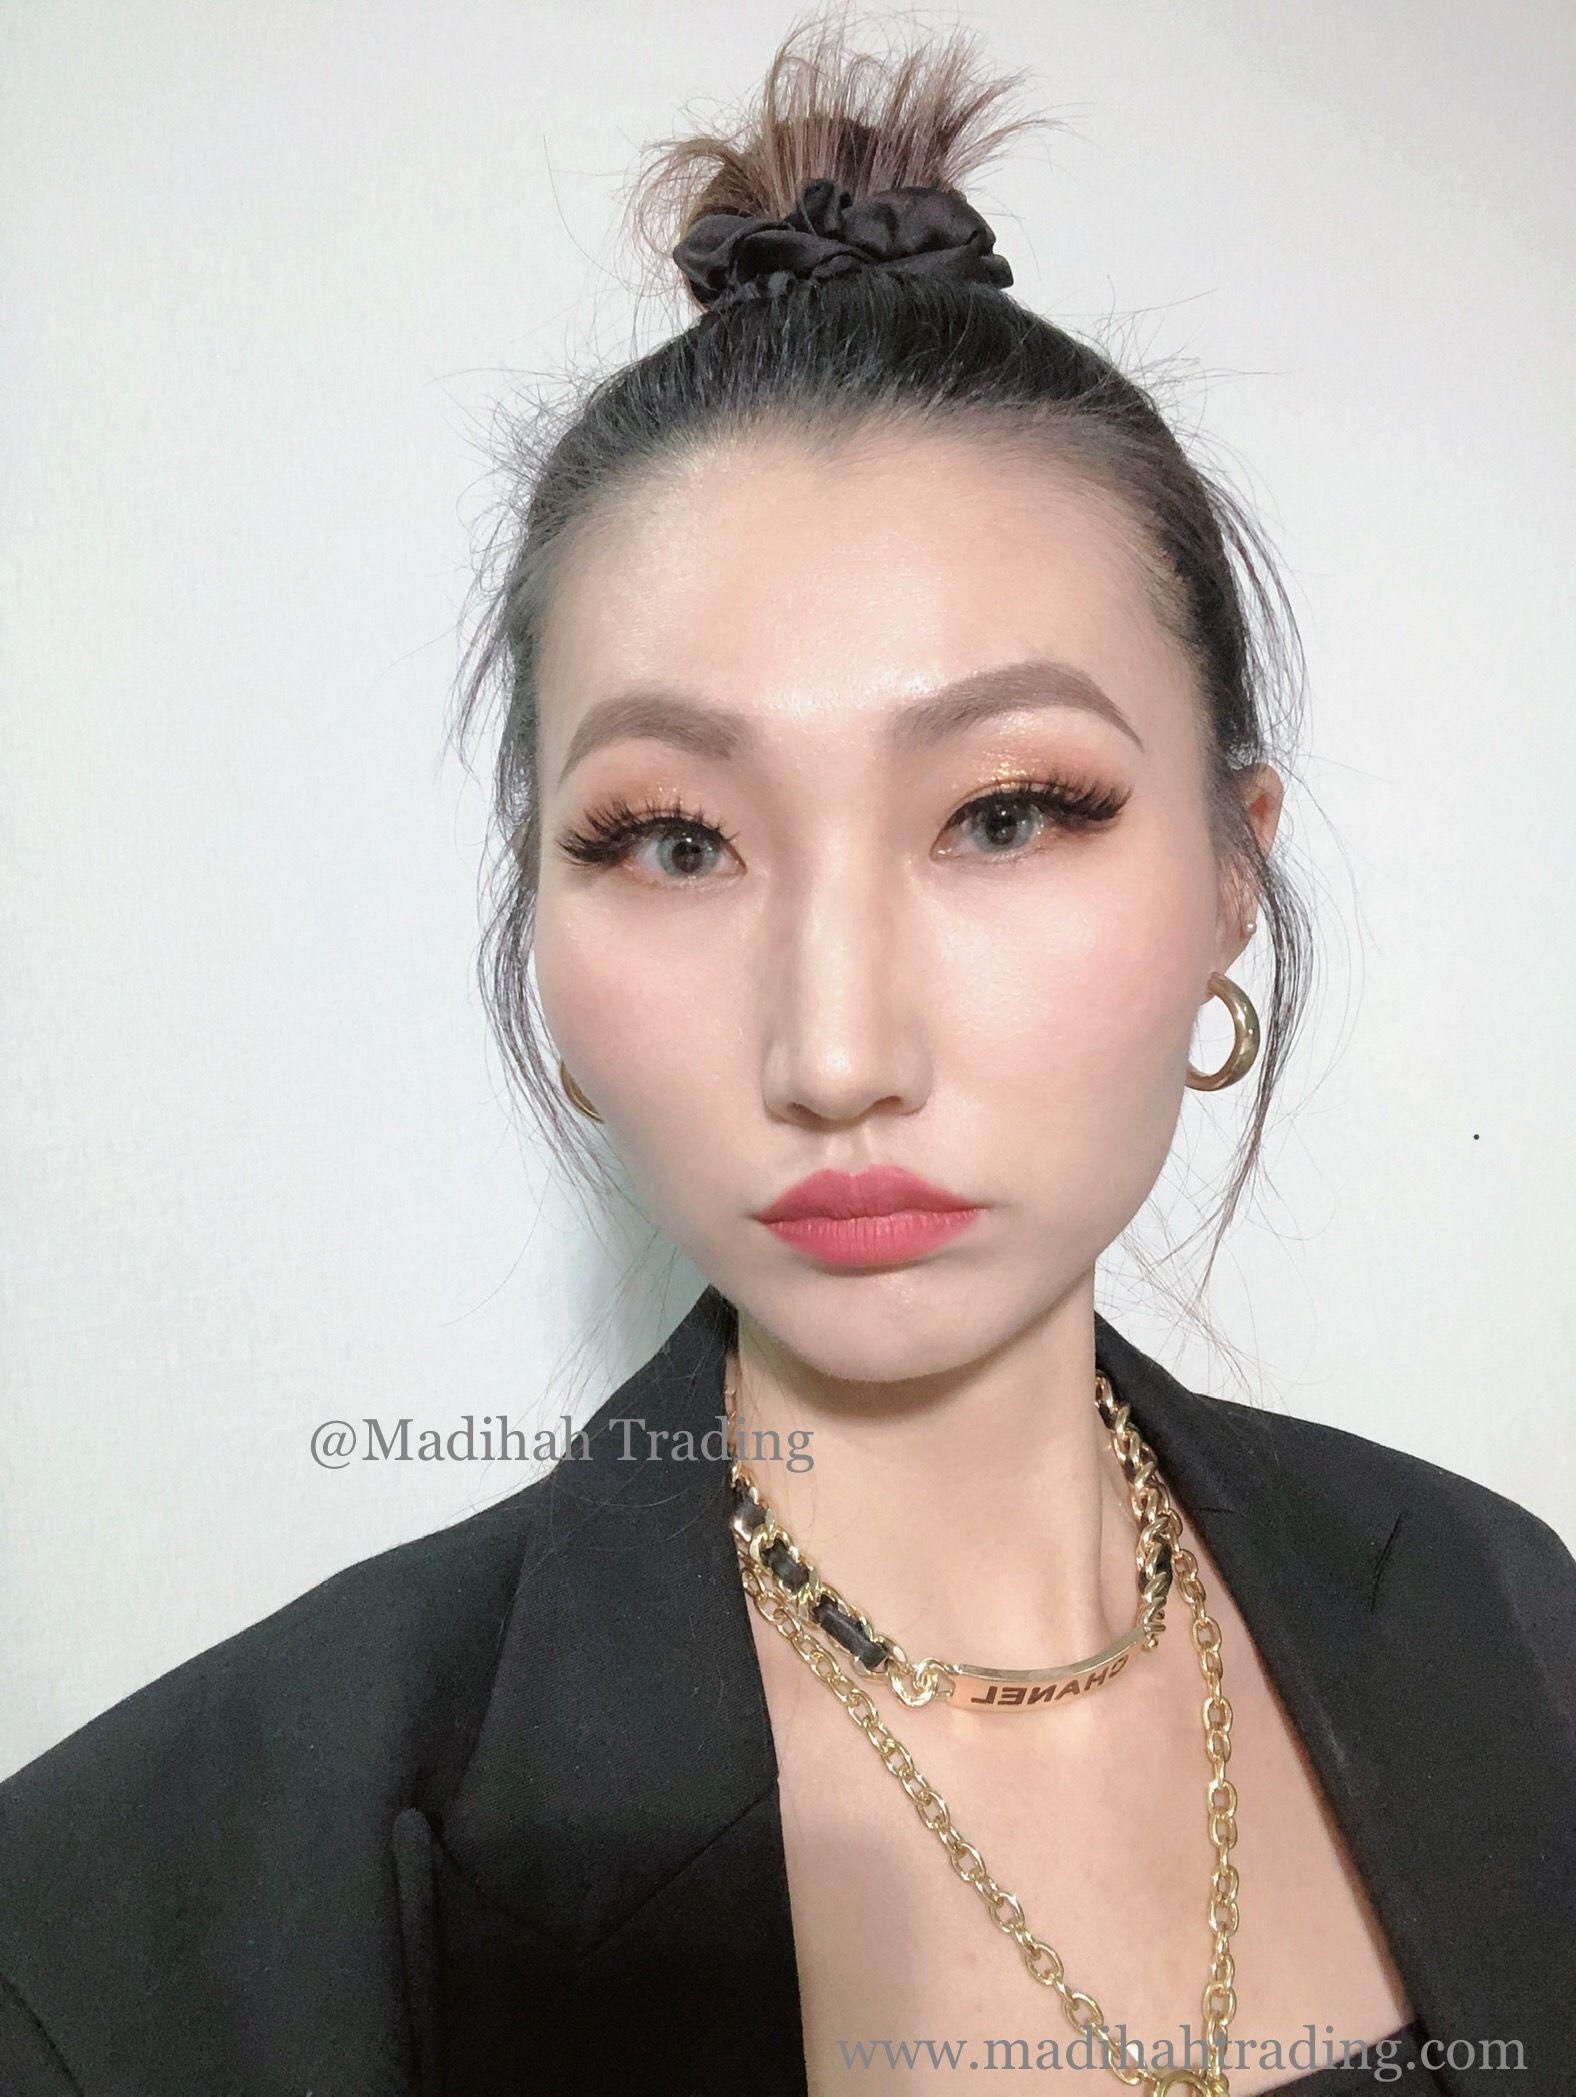 2020 的 Madihah Trading private label makeup vendors and